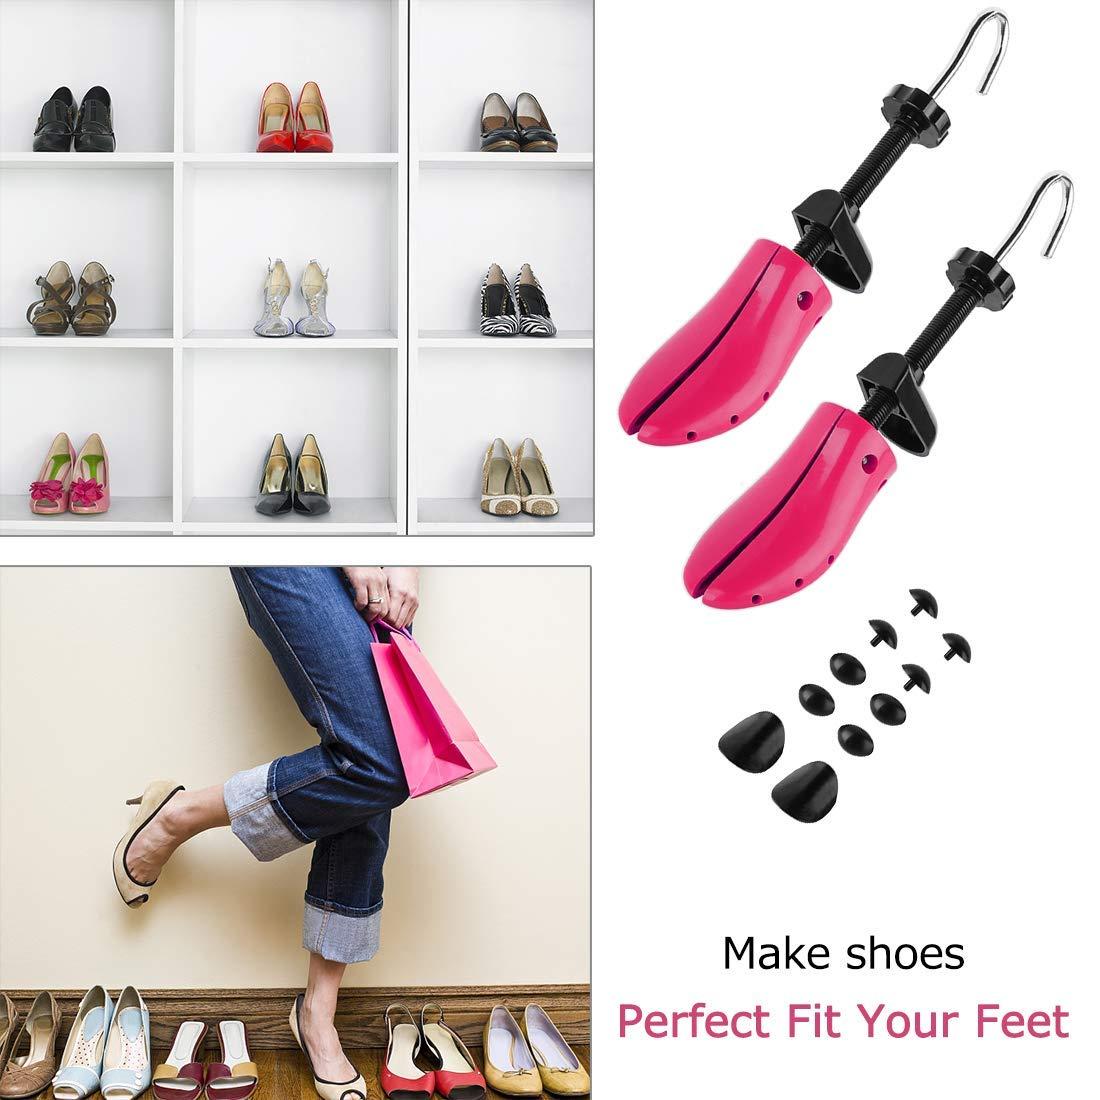 1 Paire Embauchoirs Plastique Arbre /à Chaussures r/églable avec Corne de Chaussure Embauchoirs /à Chaussures